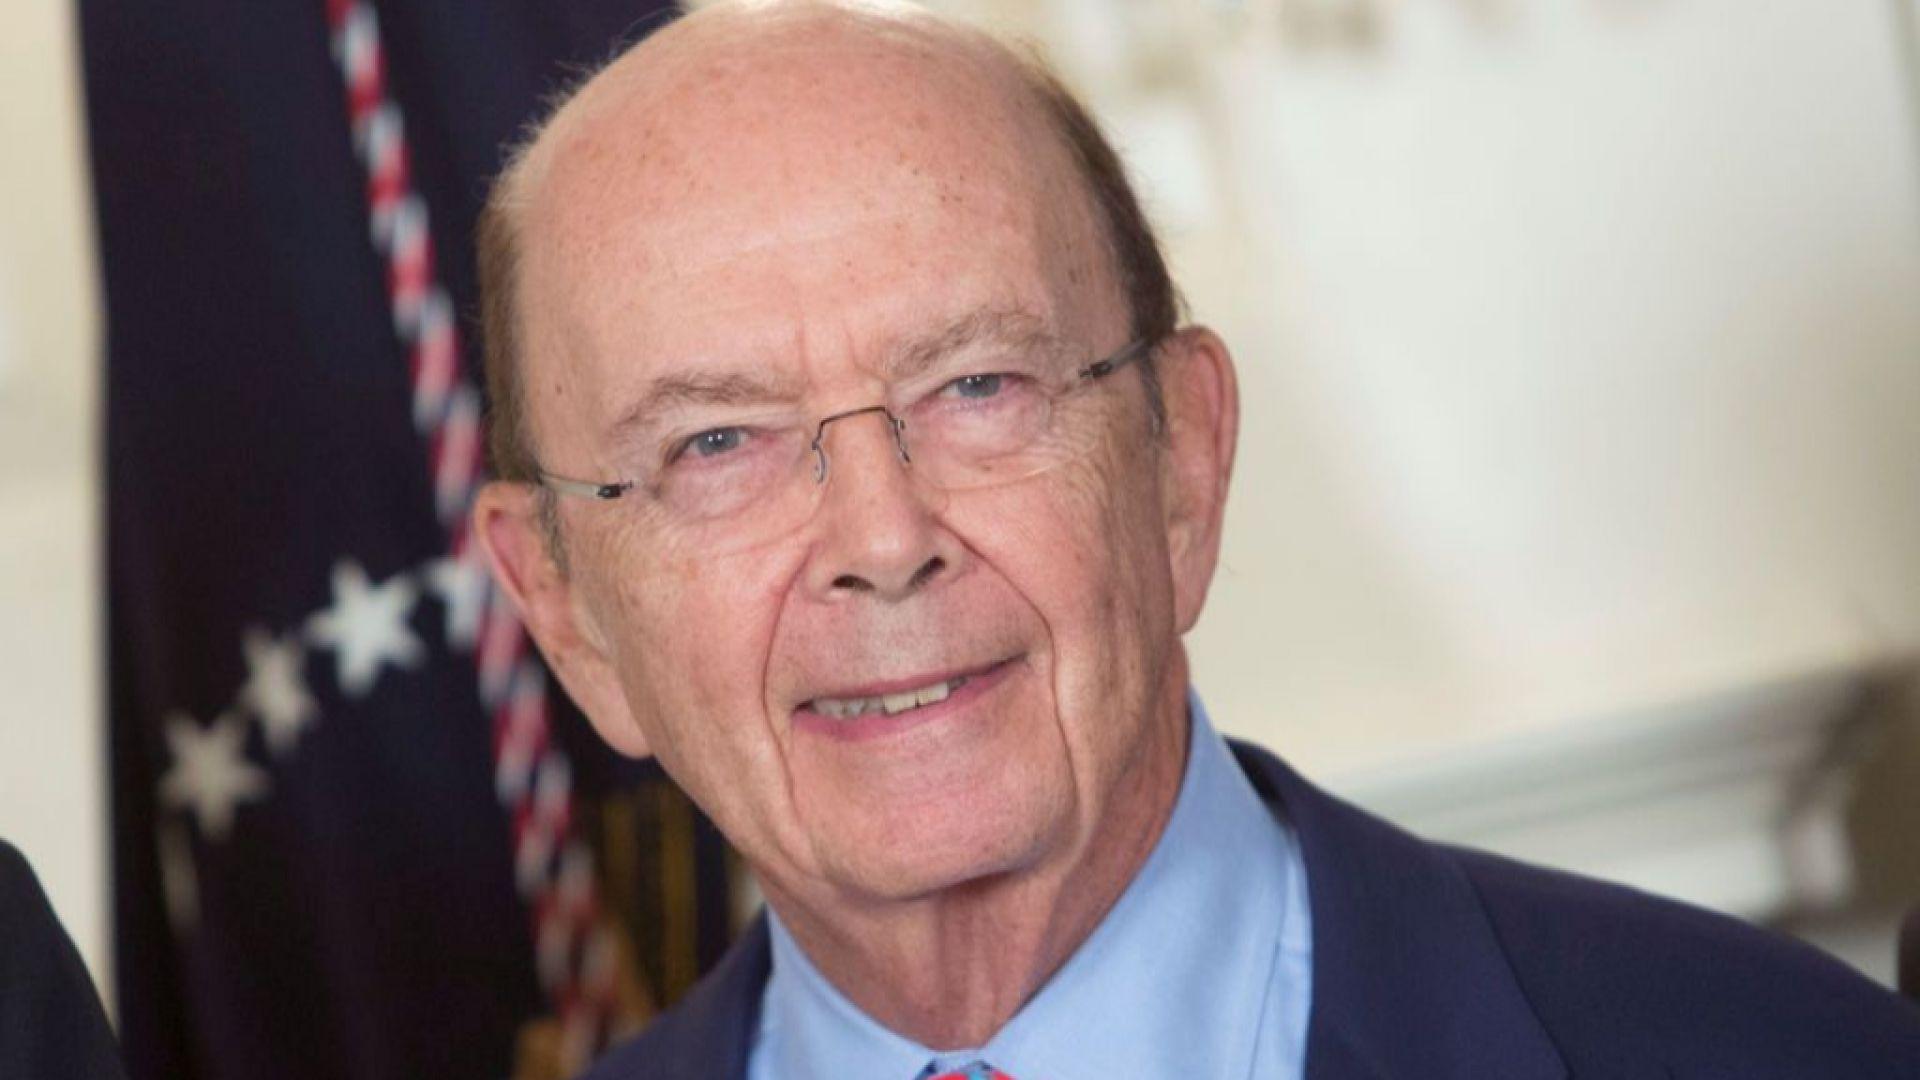 САЩ прогнозират деескалация на търговските преговори с ЕС